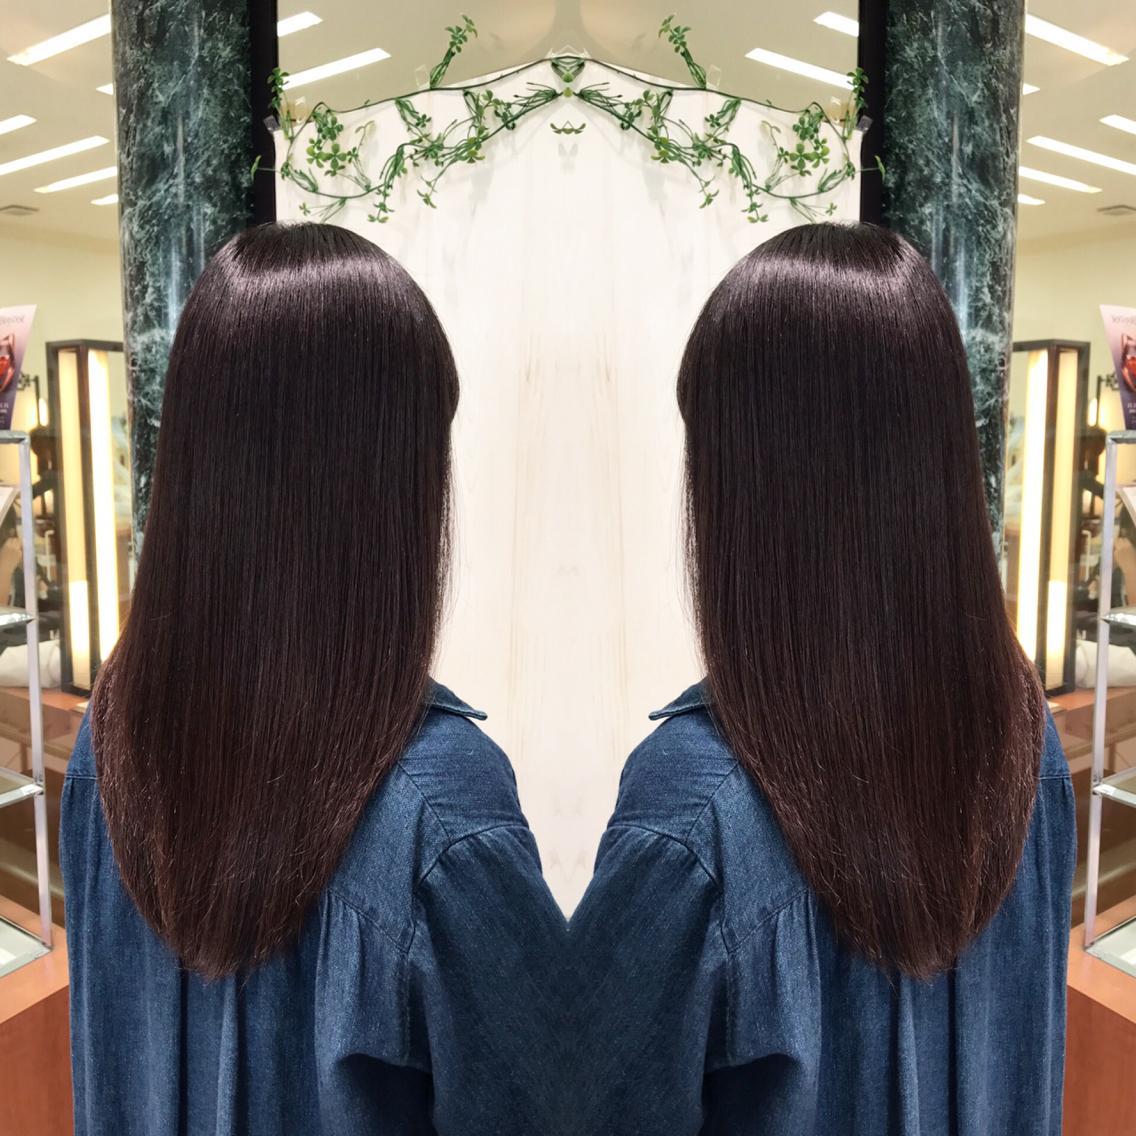 #セミロング #パーマ カット+プレミアム縮毛矯正でサラ艶な髪へ💇✨